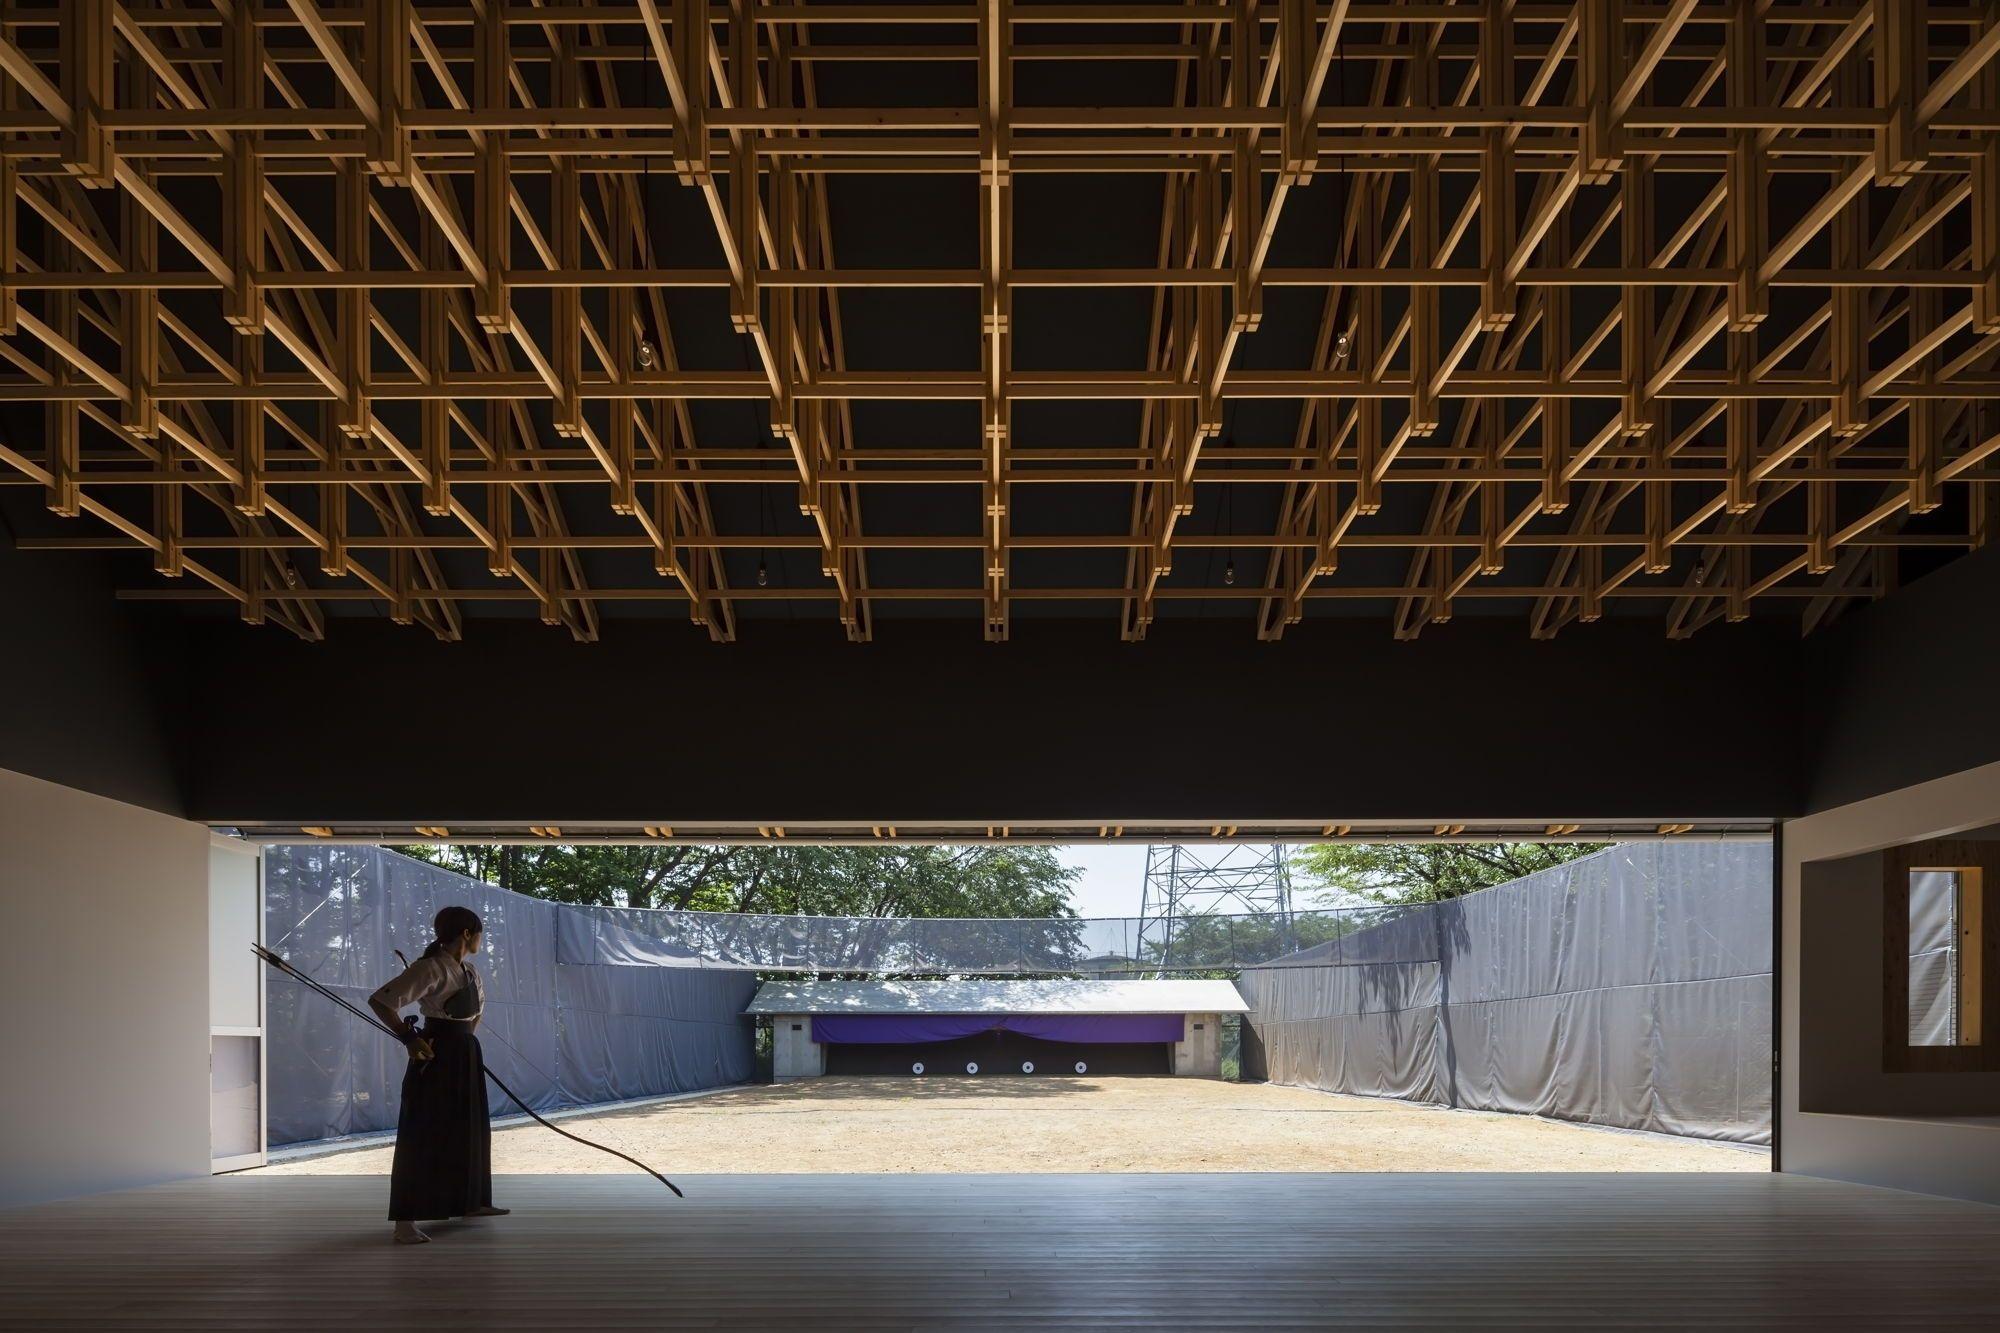 Japanische Architektur fachwerk auf japanisch zwei sporthallen in tokio japanische